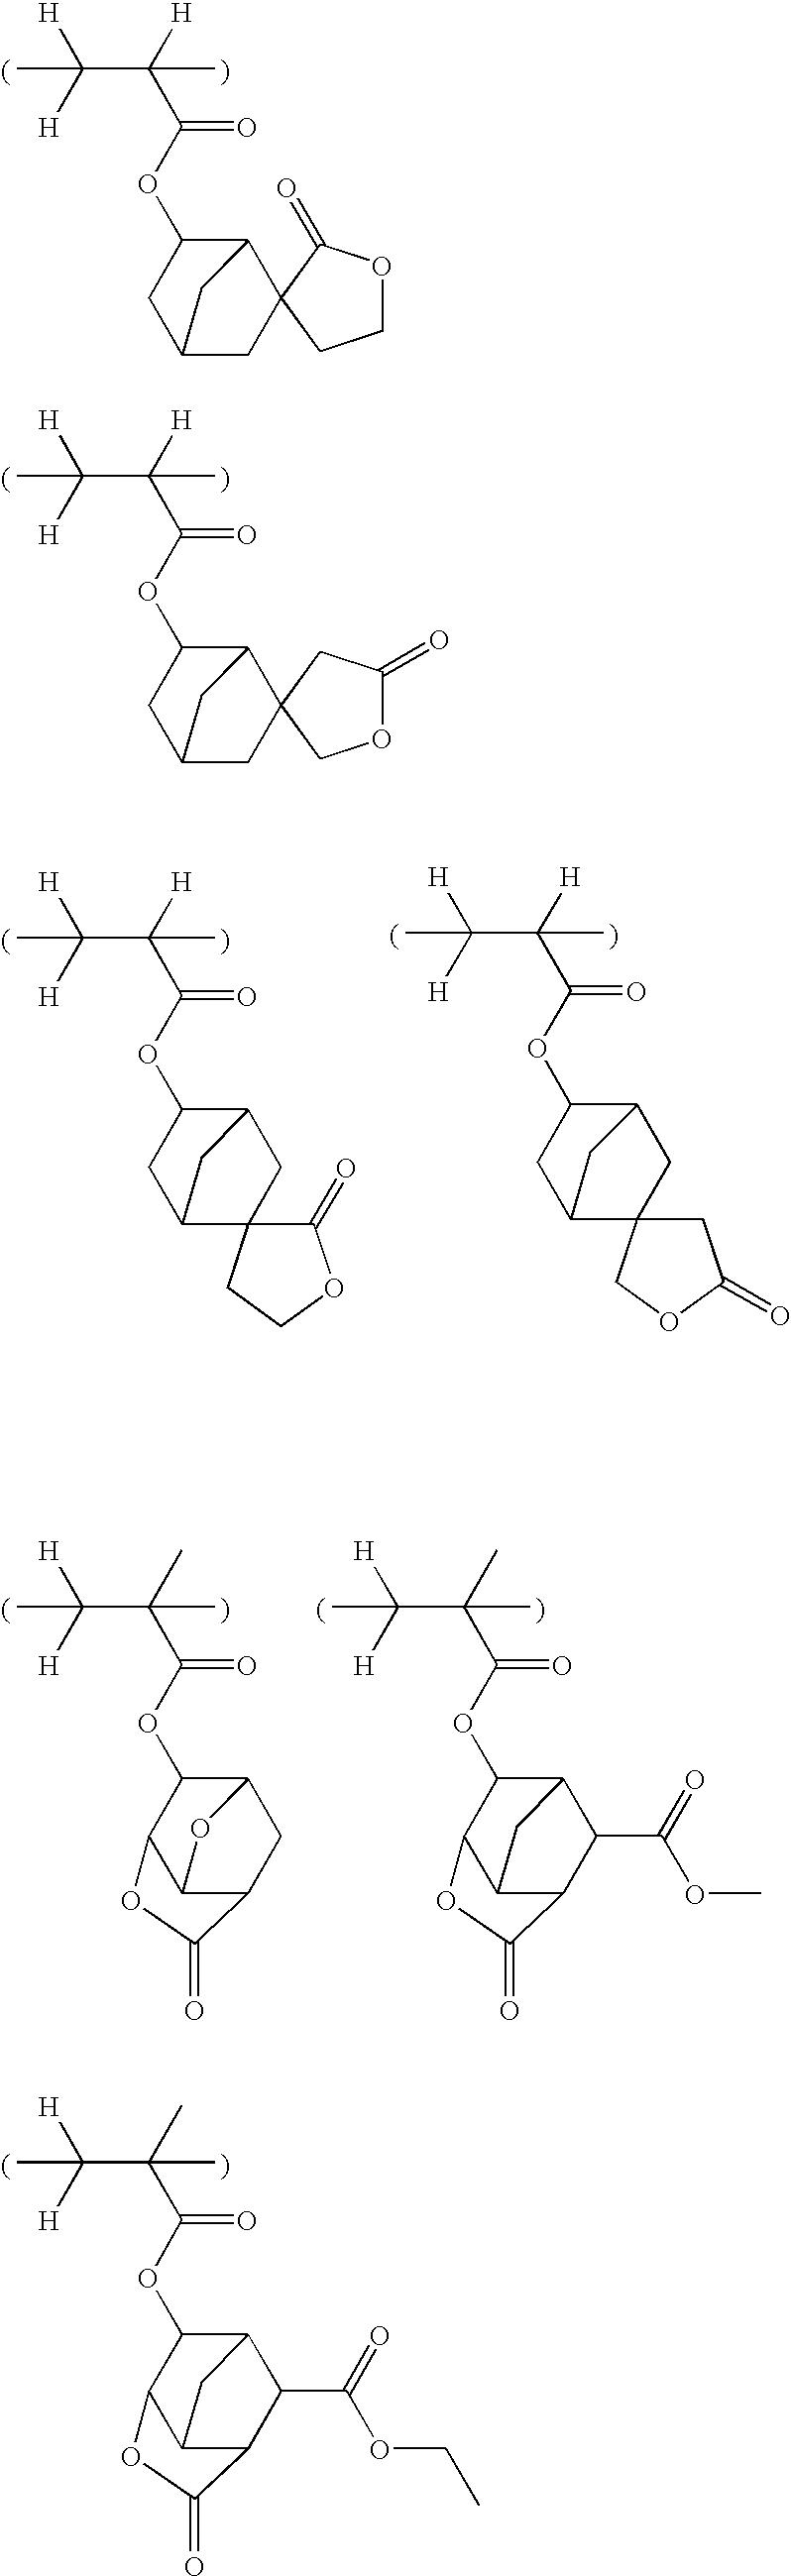 Figure US20070231738A1-20071004-C00040